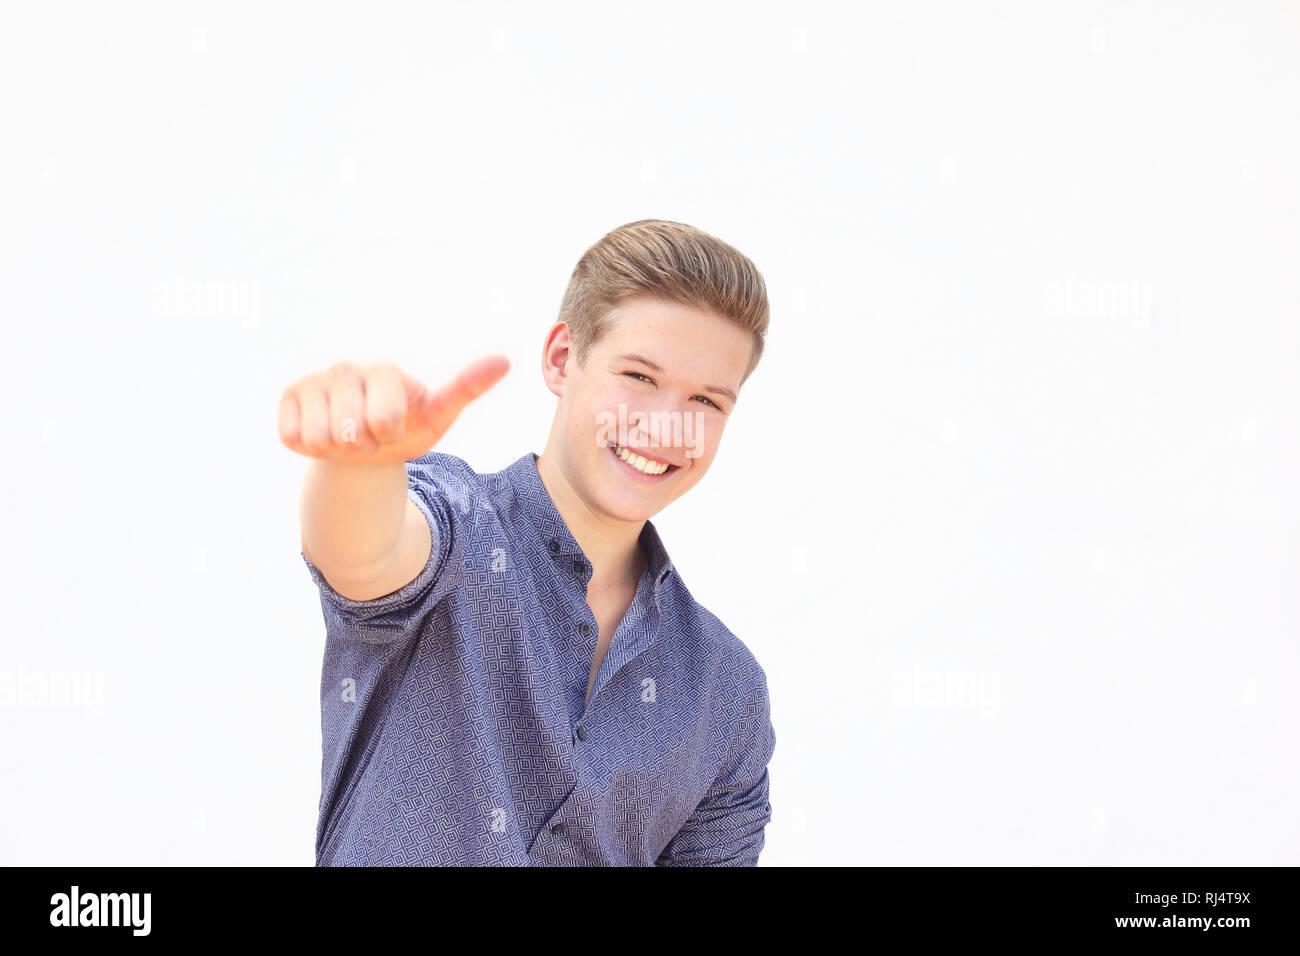 junger Mann, Gestik, Daumen hoch - Stock Image